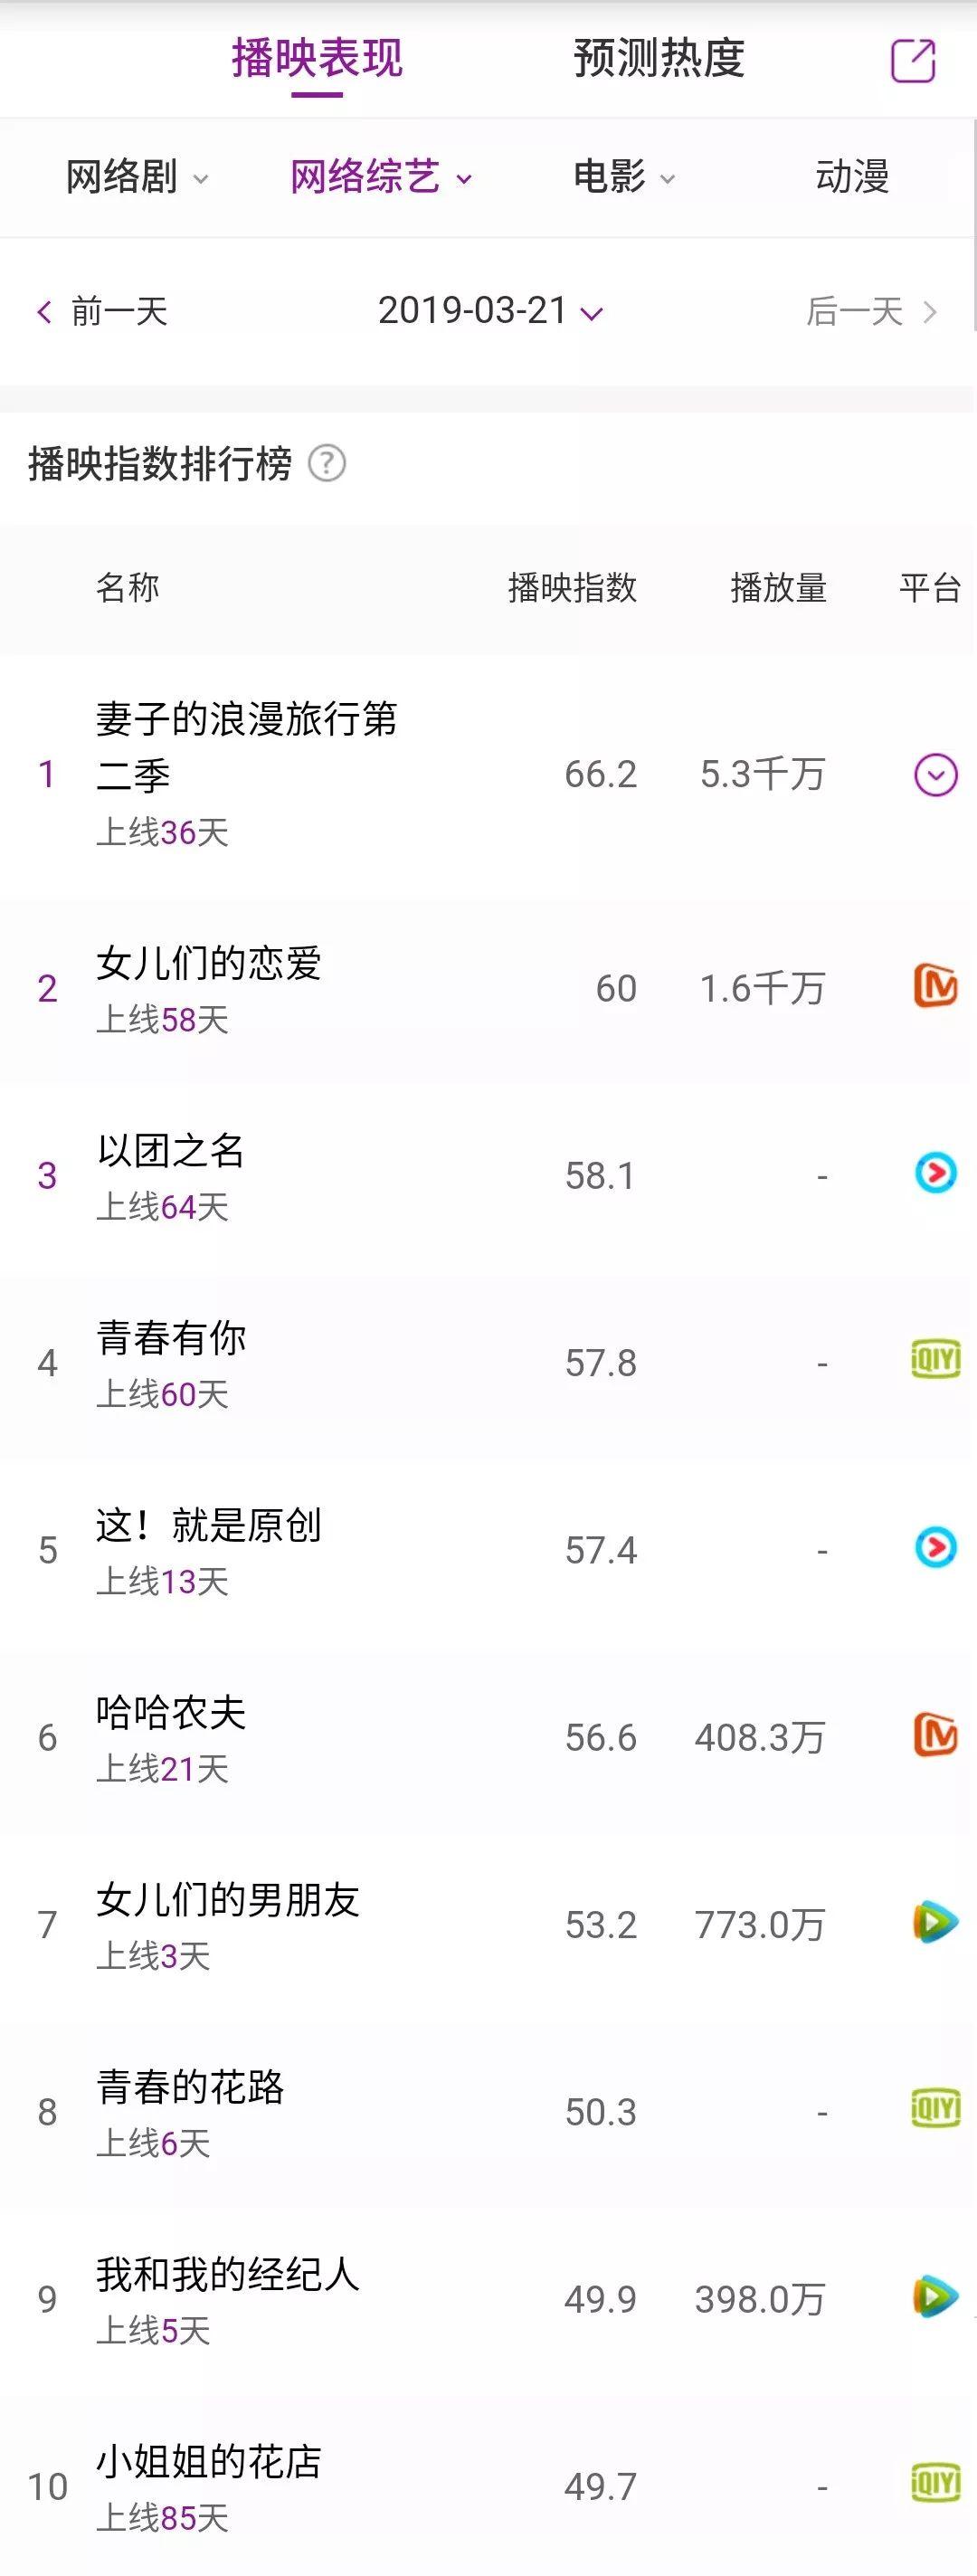 58团网站_播映指数日榜|《以团之名》播映指数58.1,反超播映指数57.